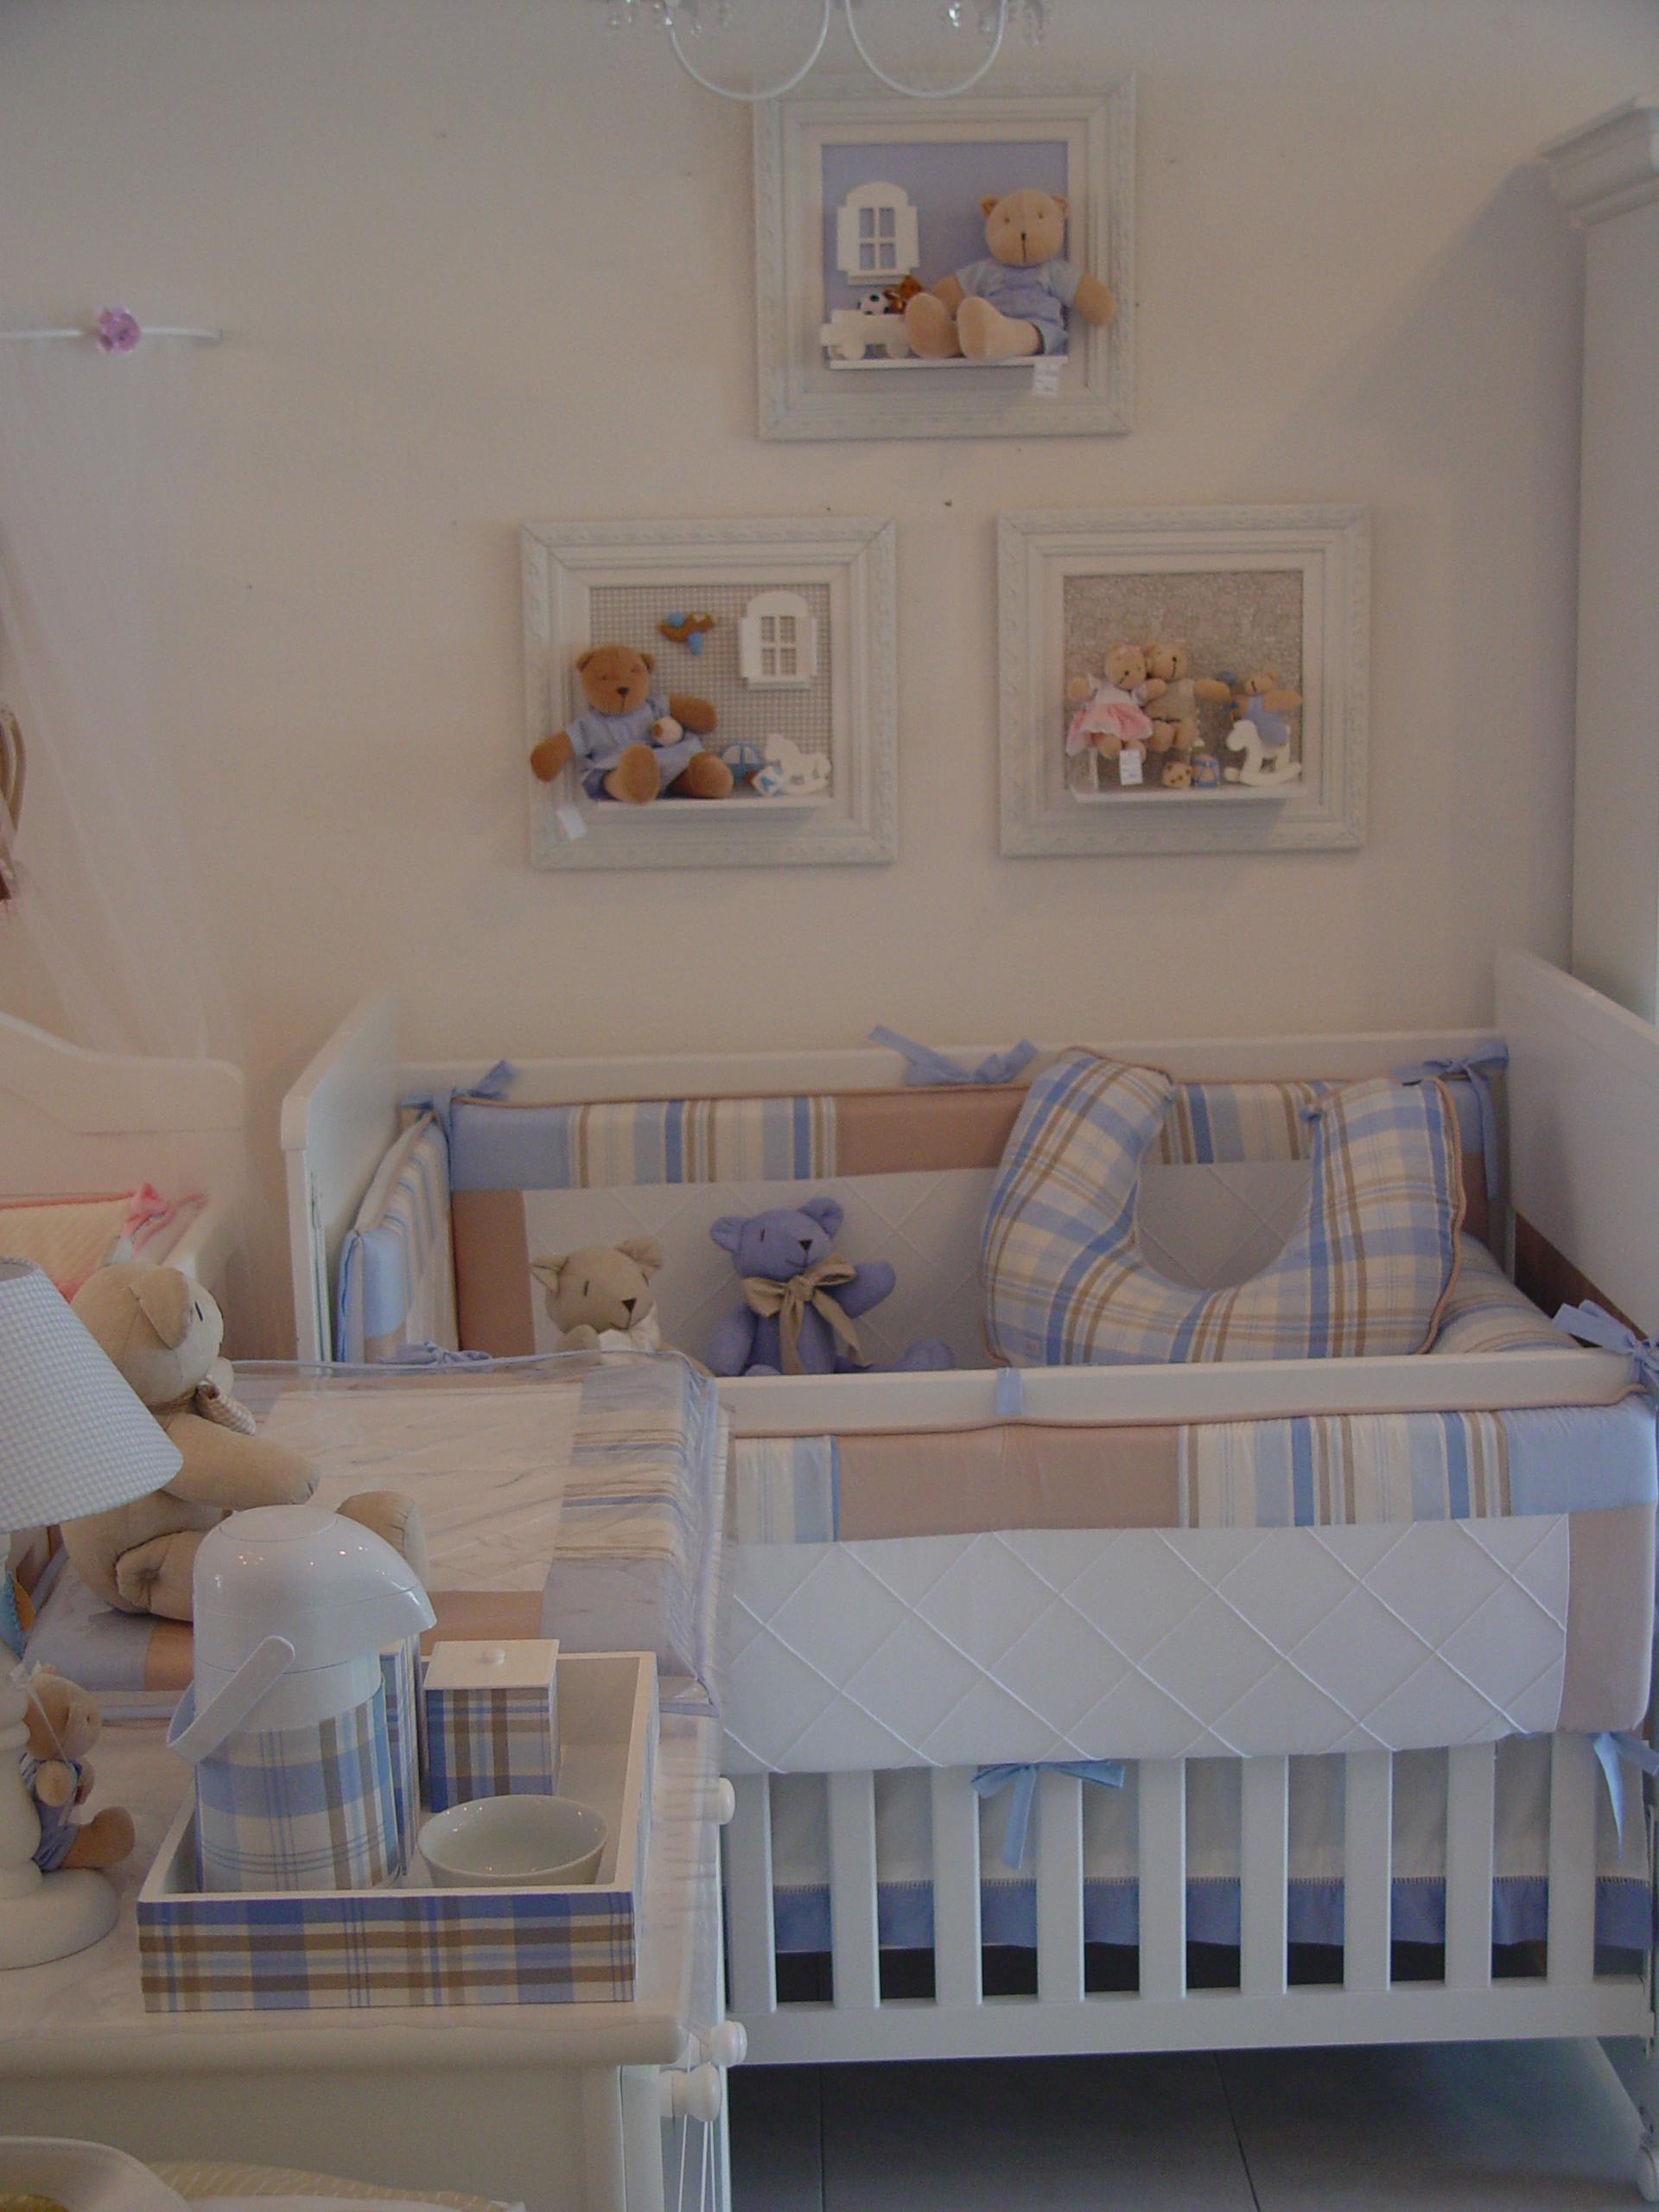 20170222163650_quarto De Bebe Masculino Bege E Azul Beigit Com ~ Poltrona Para Quarto Infantil E Decoração Simples Quarto